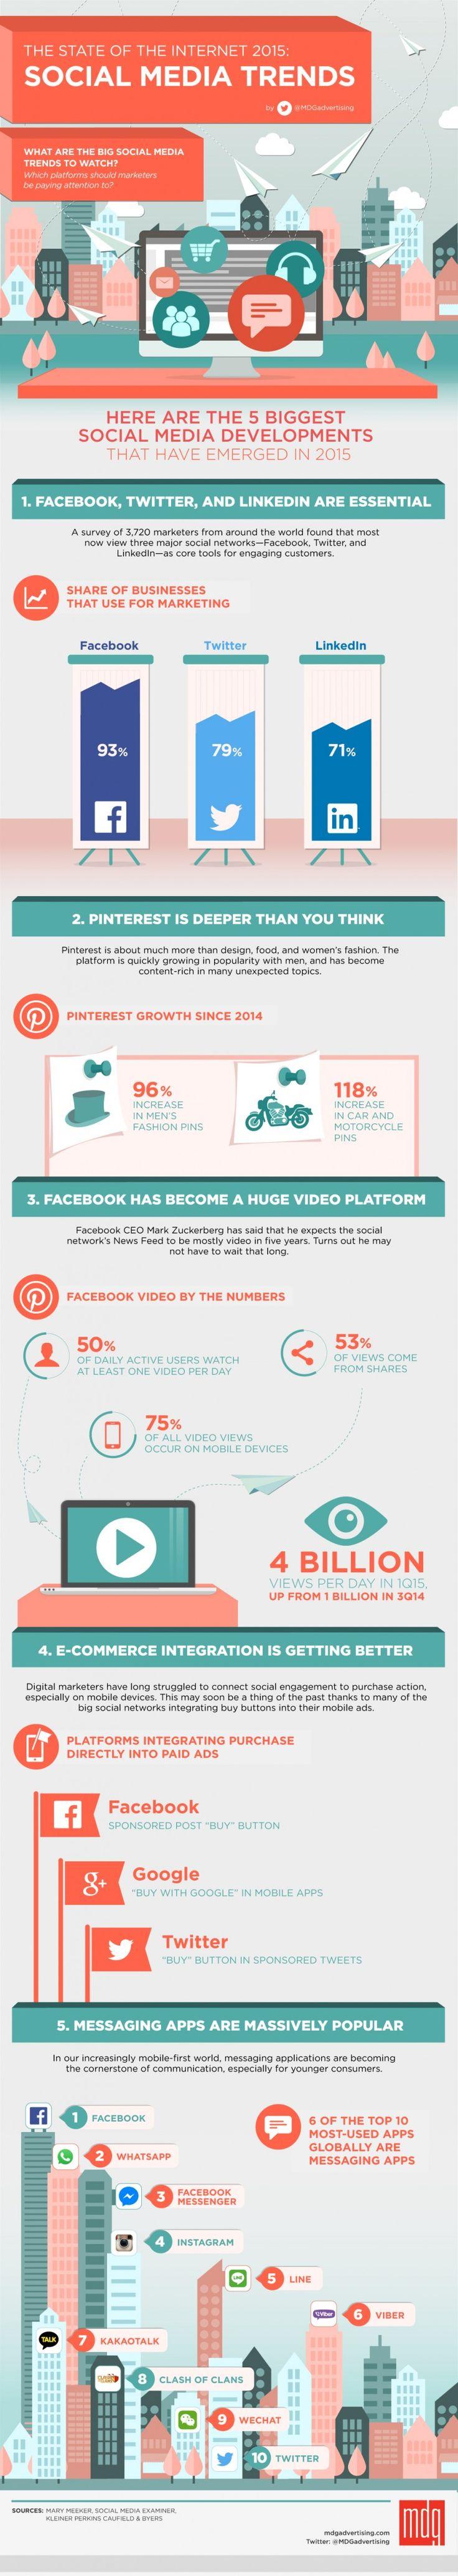 Réseaux sociaux : 5 tendances  incontournables en 2015 (infographie)